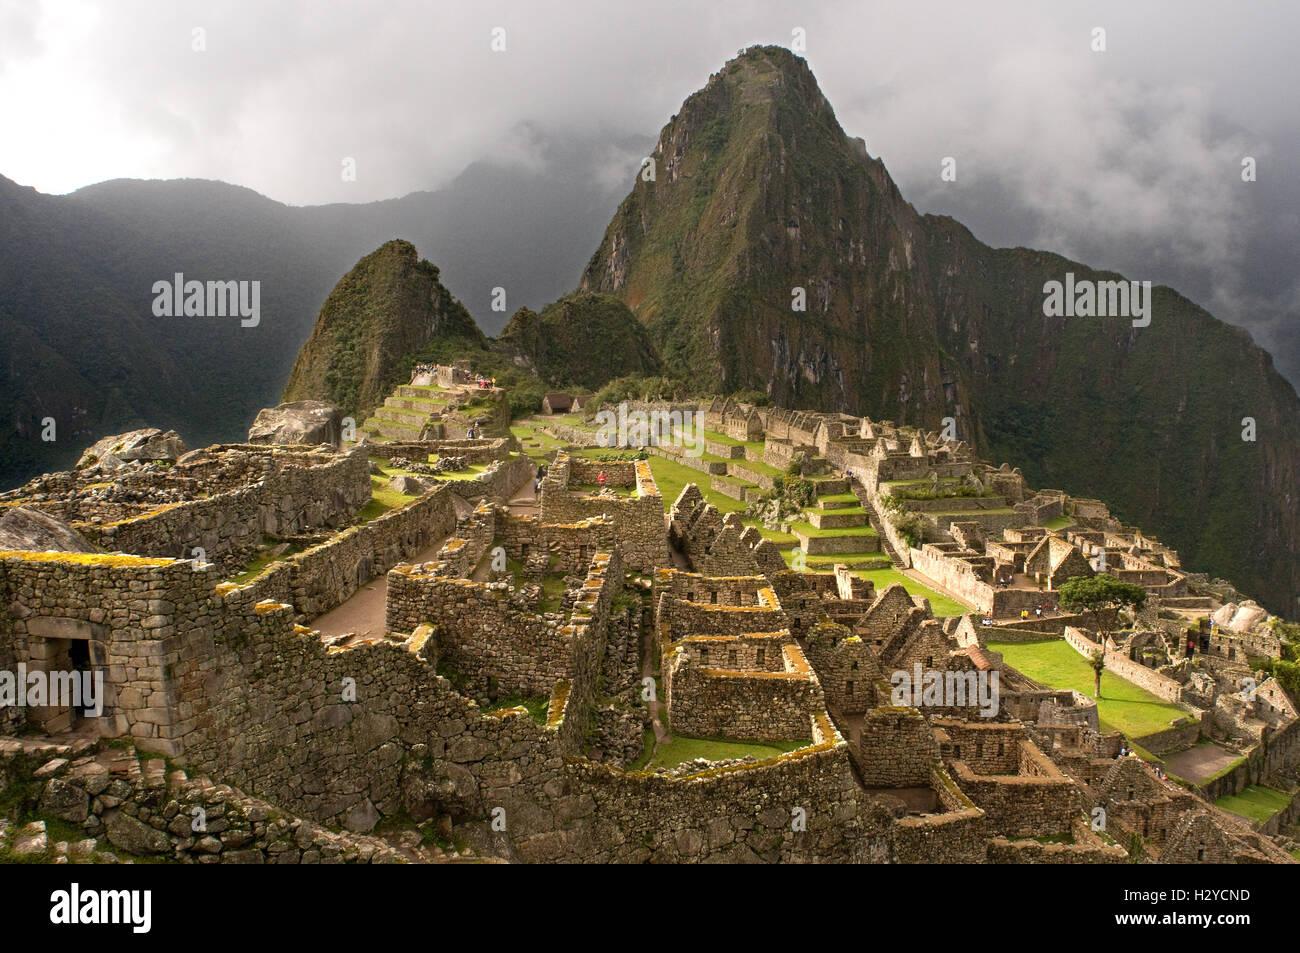 L'intérieur du complexe archéologique de Machu Picchu. Machu Picchu est une ville située dans Photo Stock